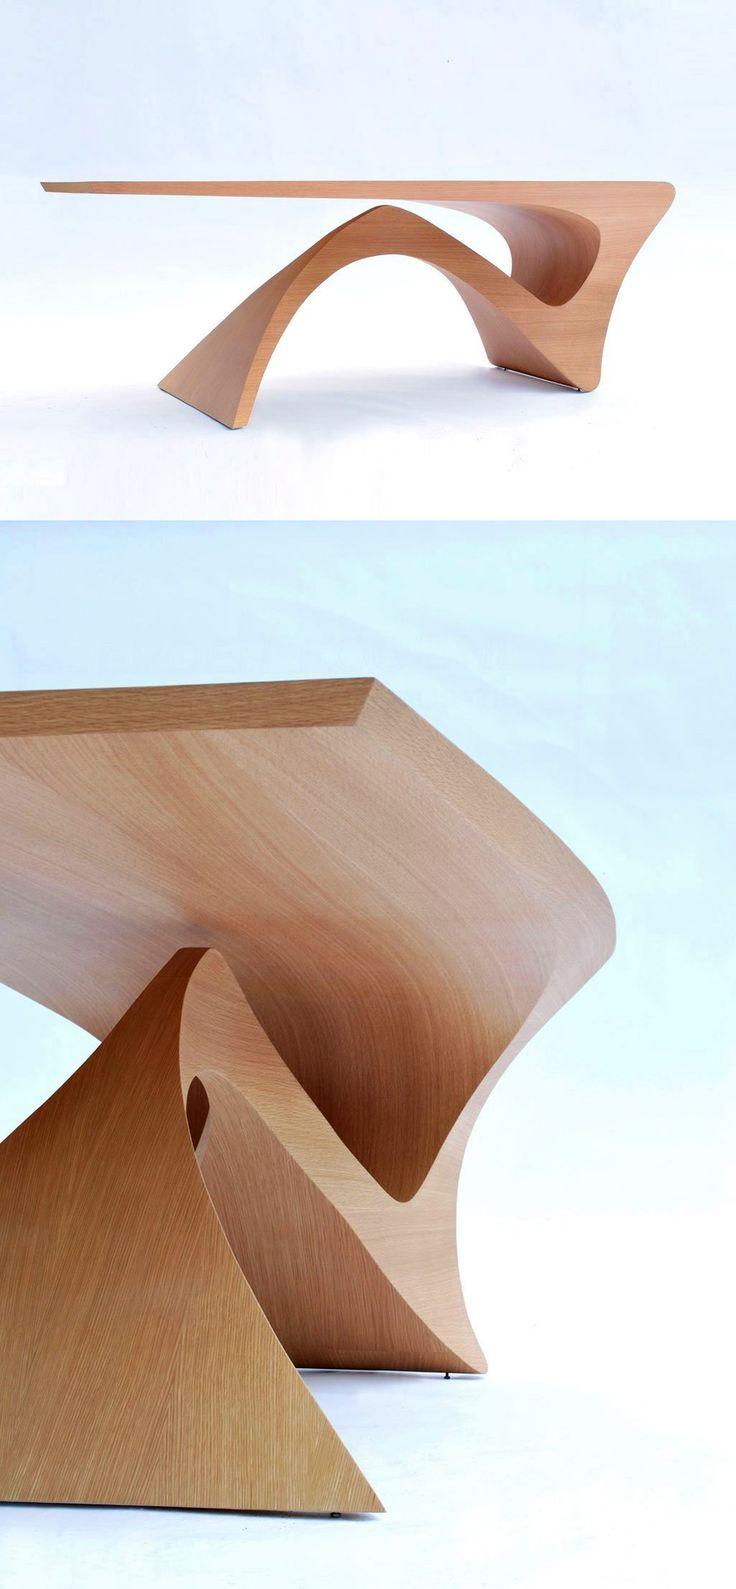 La forme de la table rappelle un corps de femme qui permet de faire tenir en équilibre des objets ou autre.